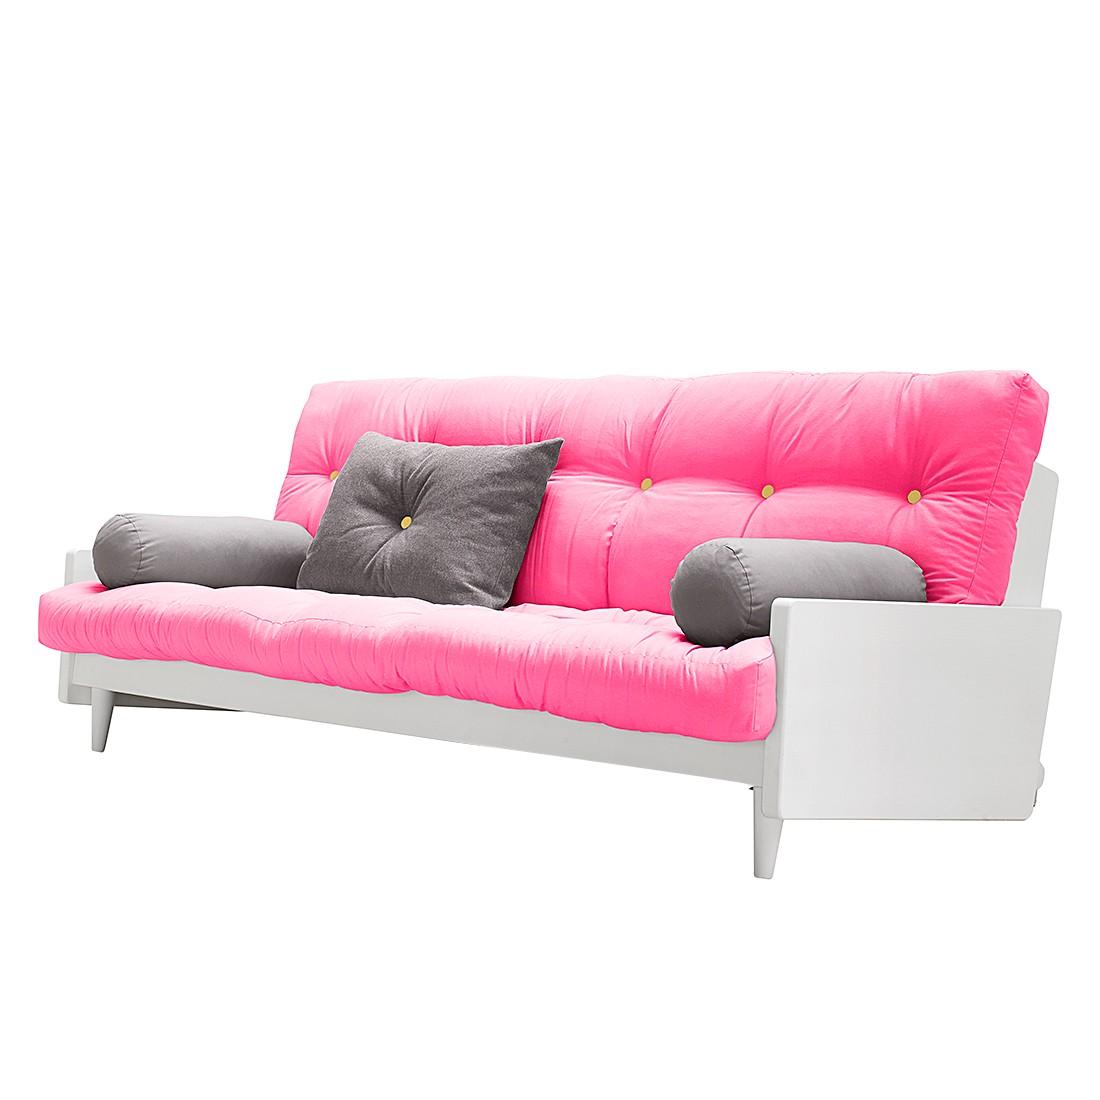 Divano letto edge futon bianco prezzi e offerte sottocosto for Divano fucsia